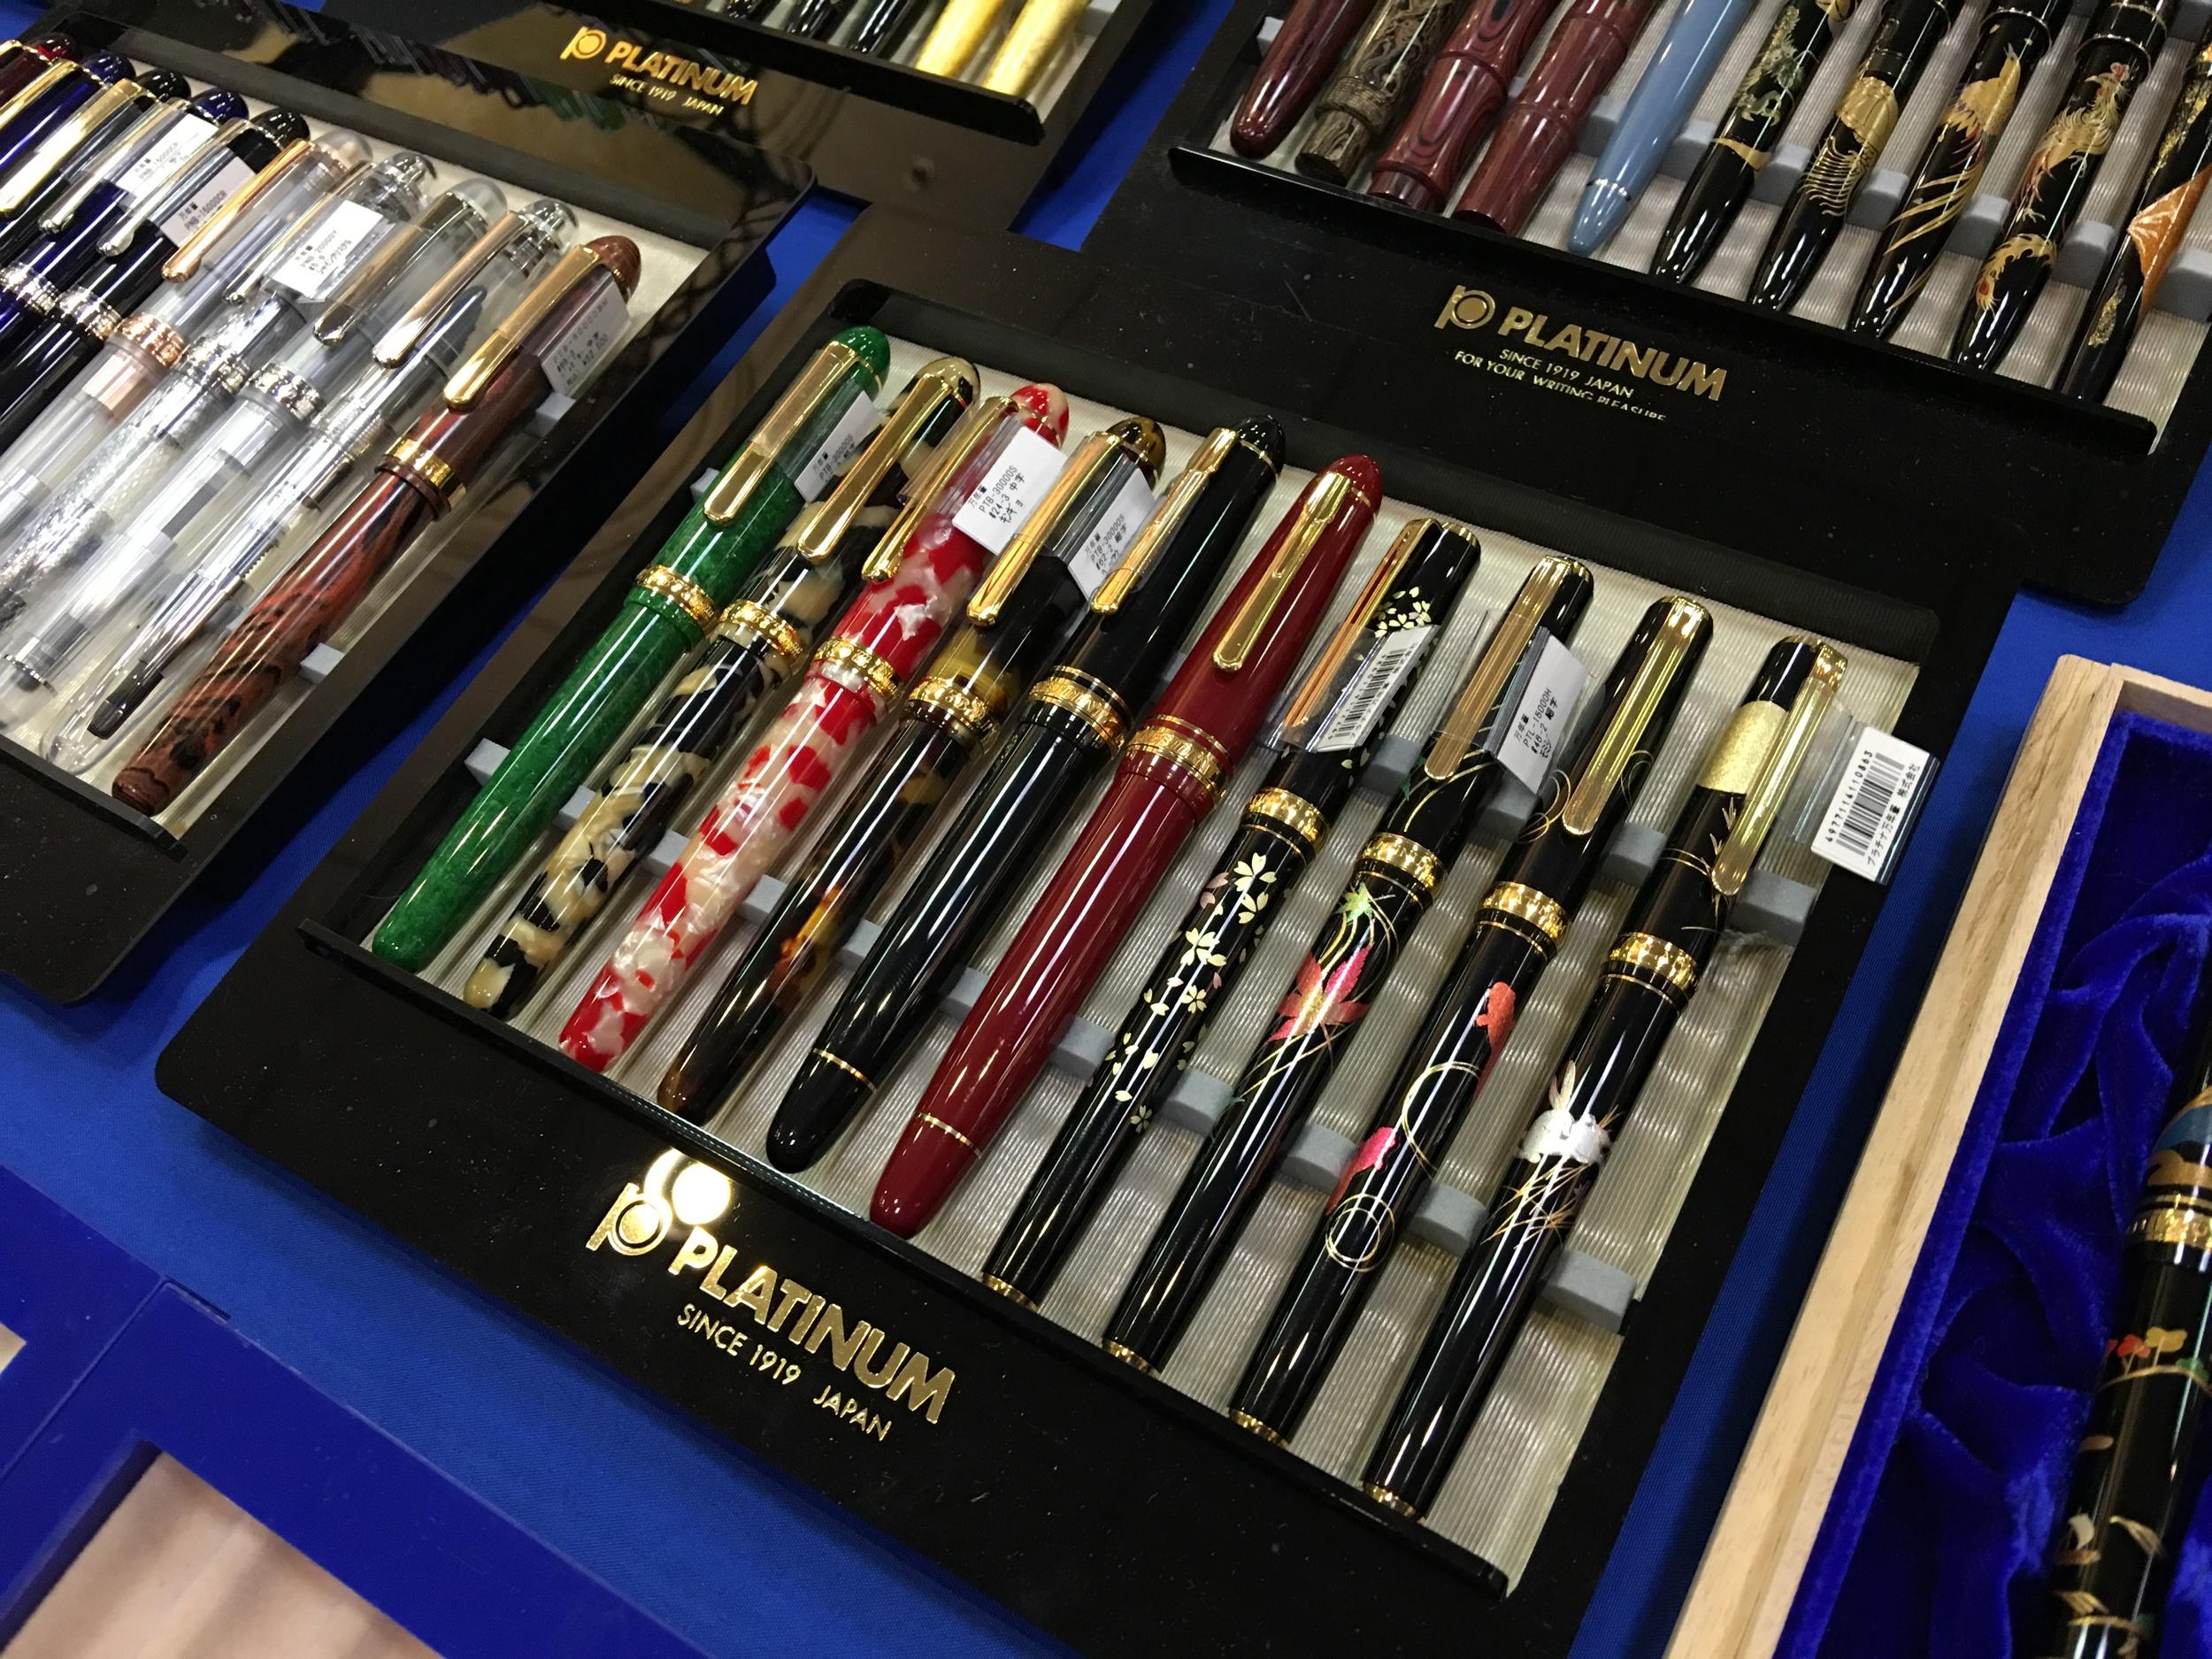 Platinum Celluloid Pens